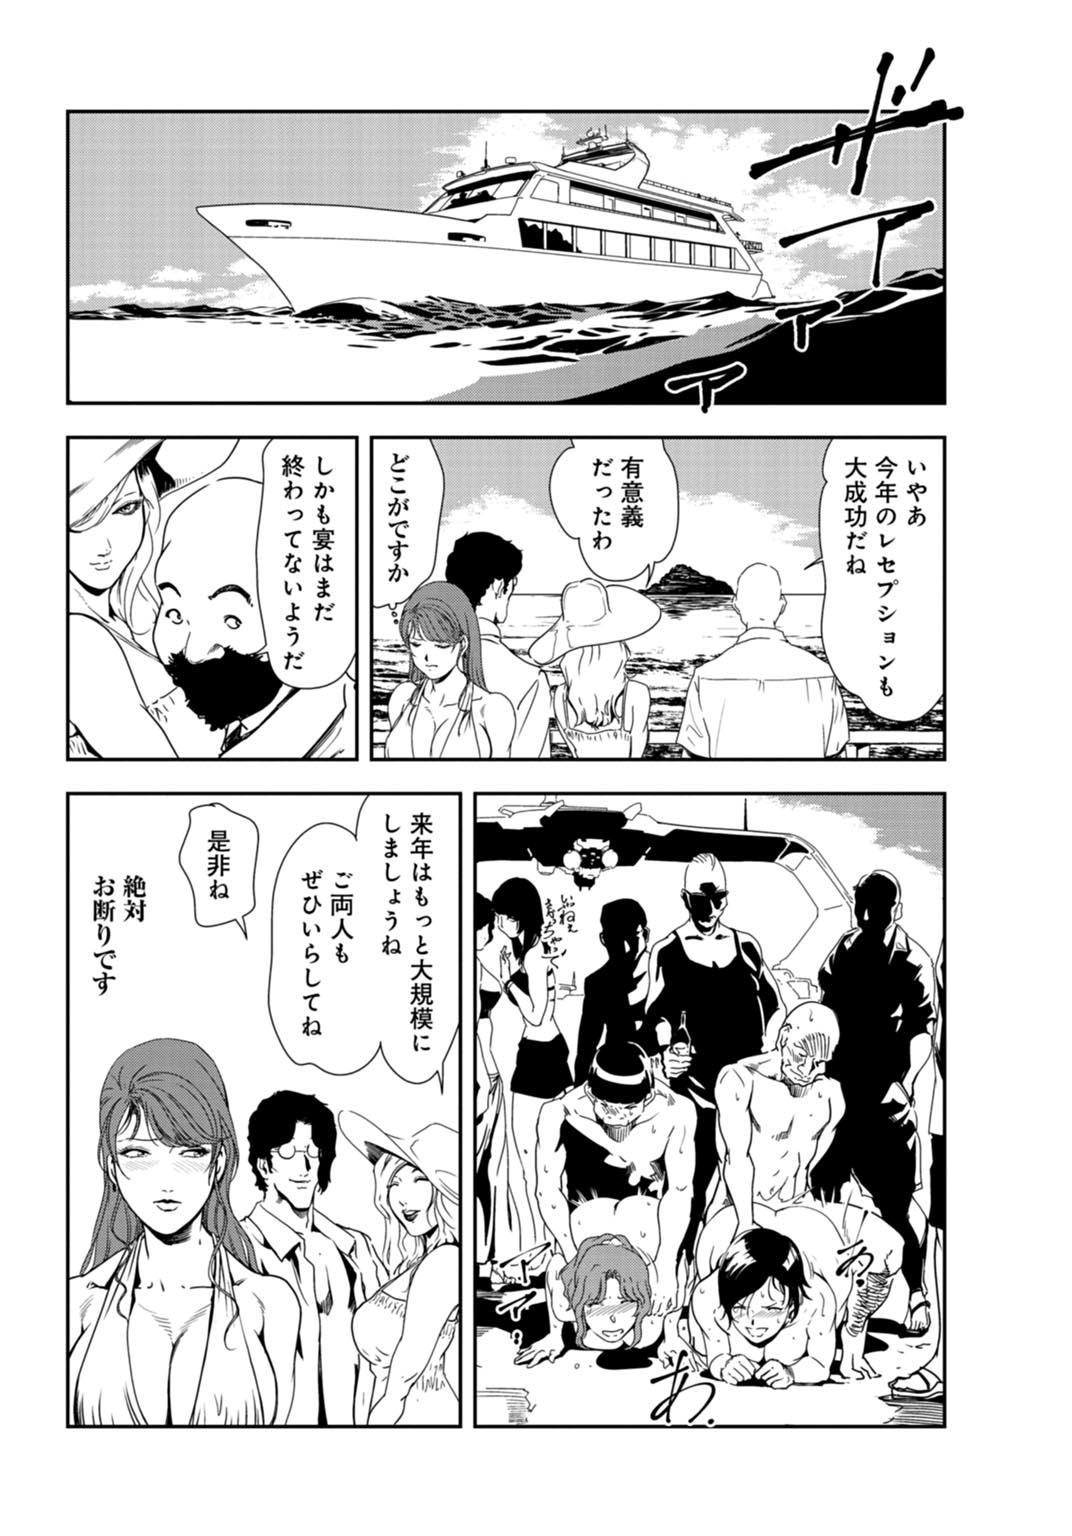 Nikuhisyo Yukiko 27 72